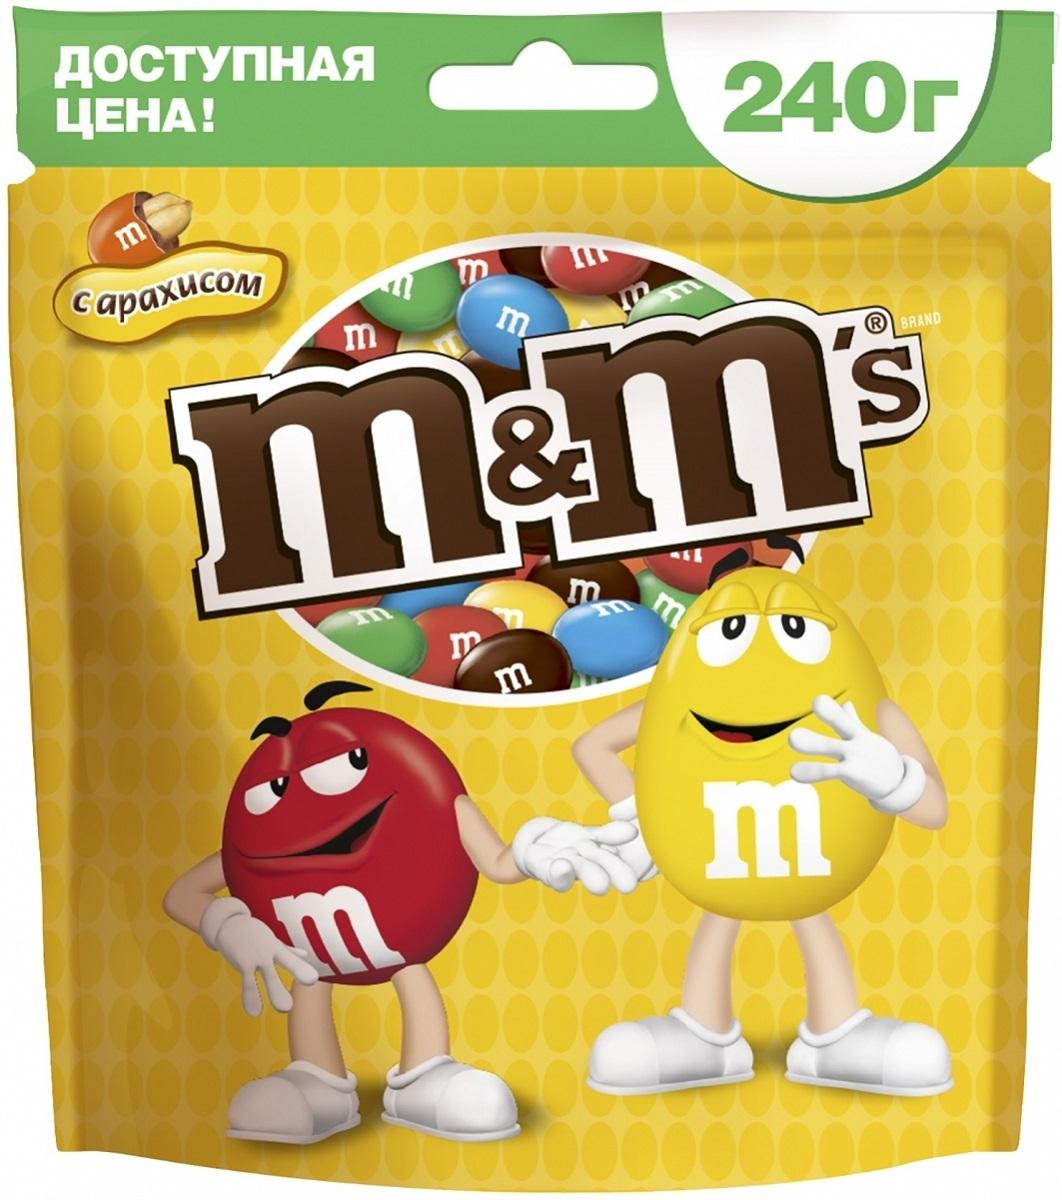 M&Ms Драже с арахисом и молочным шоколадом, 240 г10155584Драже с арахисом и молочным шоколадом, покрытое хрустящей разноцветной глазурью M&Ms - это больше веселых моментов для тебя и твоих друзей! Разноцветные драже можносъесть самому или разделить с друзьями. В любом случае, вкус отличного молочного шоколада и арахиса подарит вам удовольствие и радость.Уважаемые клиенты! Обращаем ваше внимание, что полный перечень состава продукта представлен на дополнительном изображении.Уважаемые клиенты! Обращаем ваше внимание на возможные изменения в дизайне упаковки. Качественные характеристики товара остаются неизменными. Поставка осуществляется в зависимости от наличия на складе.